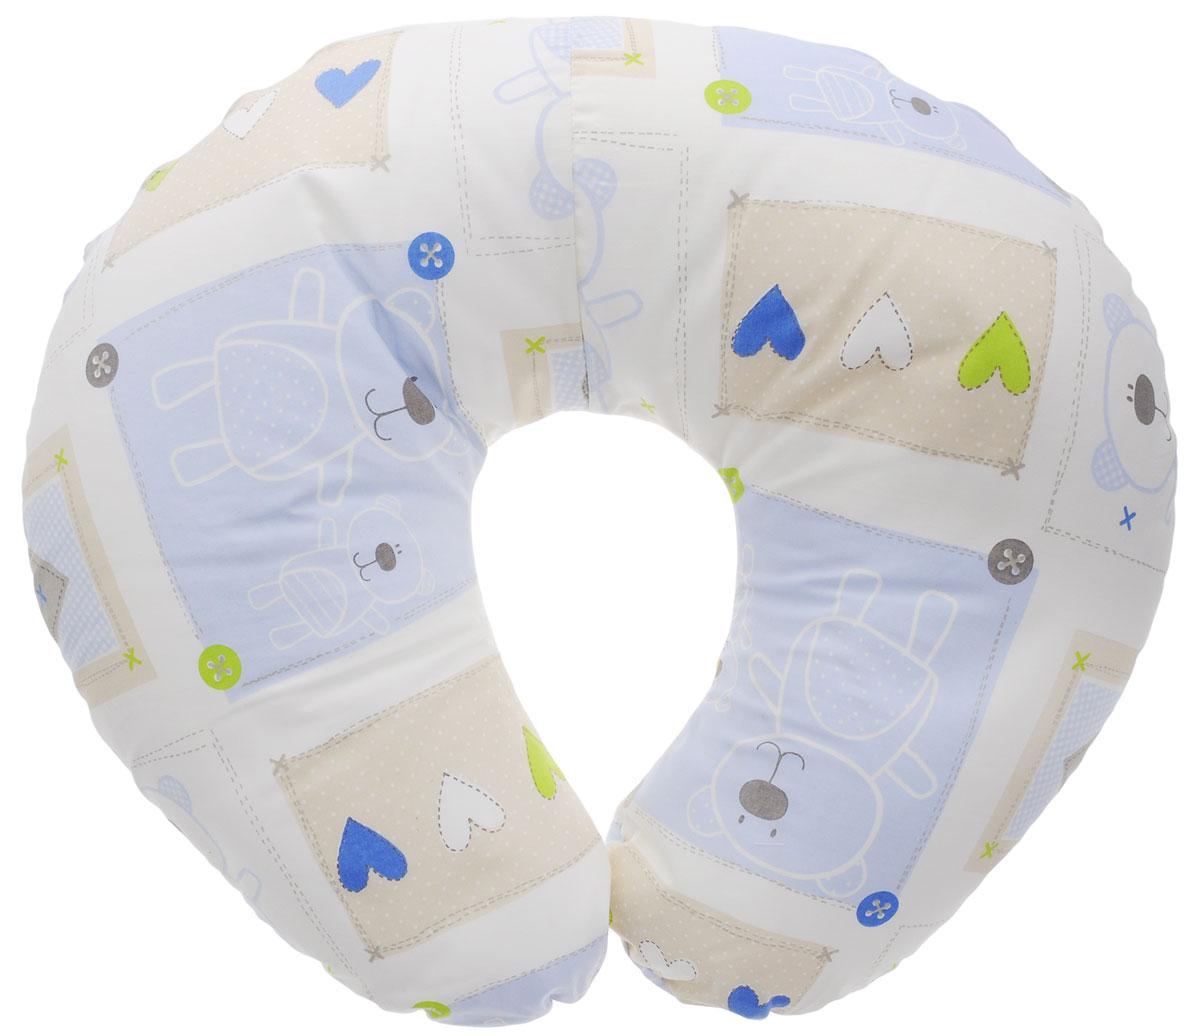 Plantex Подушка для кормящих и беременных мам Comfy Small Мишка и сердечкиС 75х140 холо бел розыМногофункциональная подушка Plantex Comfy Small идеальна для удобства ребенка и его родителей. Зачастую именно эта модель называется подушкой для беременных. Ведь она создана именно для будущих мам с учетом всех анатомических особенностей в этот период. На любом сроке беременности она бережно поддержит растущий животик и поможет сохранить комфортное и безопасное положение во время сна.Подушка идеально подходит для кормления уже появившегося малыша. Позже многофункциональная подушка поможет ему сохранить равновесие при первых попытках сесть.Чехол подушки выполнен из 100% хлопка и снабжен застежкой-молнией, что позволяет без труда снять и постирать его. Наполнителем подушки служат полистироловые шарики - экологичные, не деформируются сами и хорошо сохраняют форму подушки.Подушка для кормящих и беременных мам Plantex Comfy Small - это удобная и практичная вещь, которая прослужит вам долгое время.Подушка поставляется в сумке-чехле.При использовании рекомендуется следующий уход: наволочка - машинная стирка и глажение, подушка с наполнителем - ручная стирка.